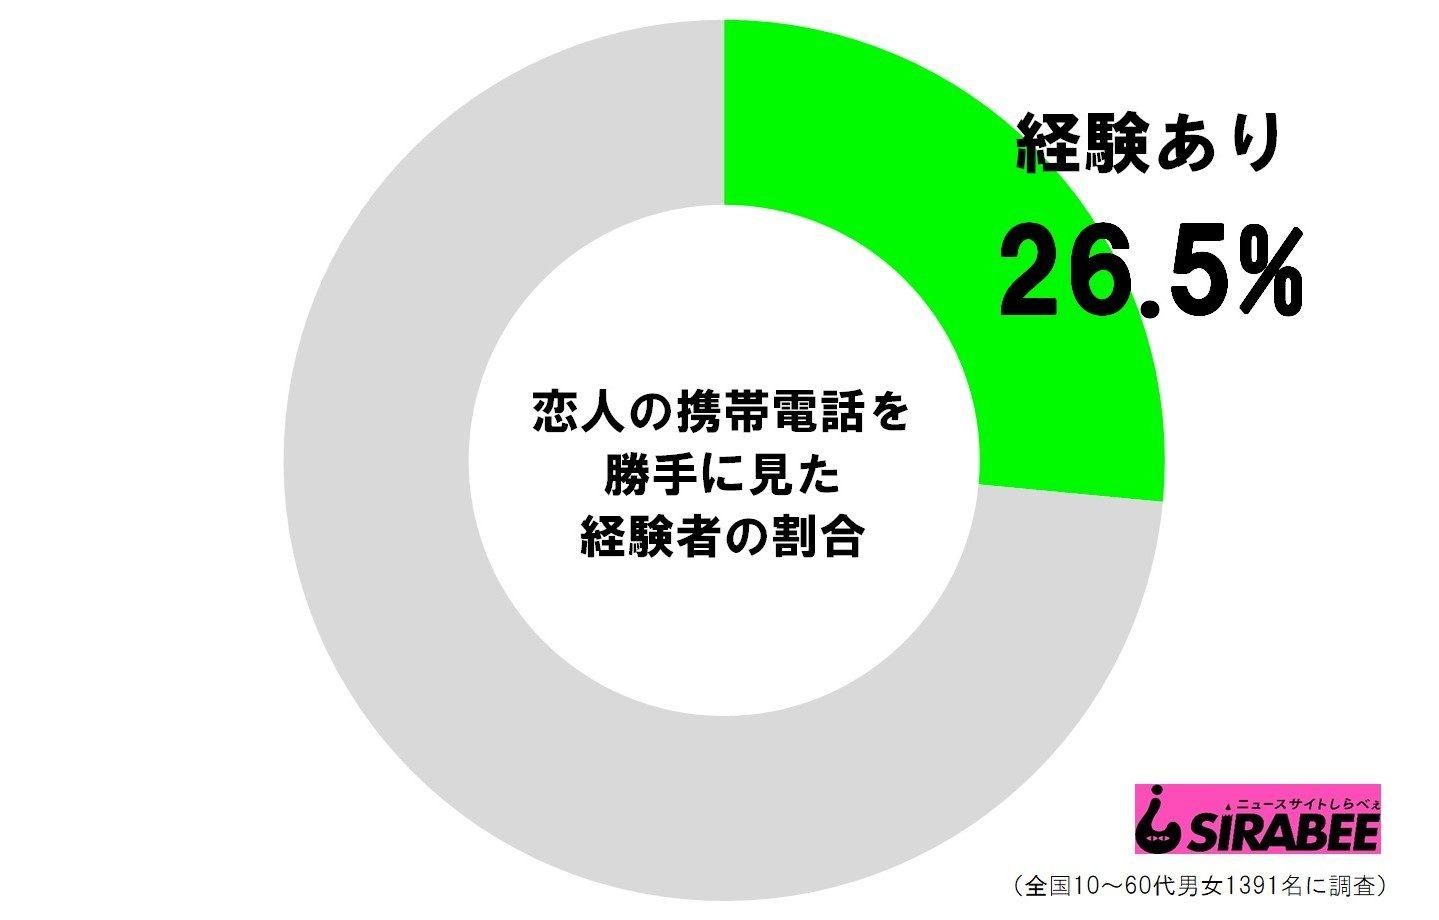 恋人の携帯電話を勝手に見た経験者の割合